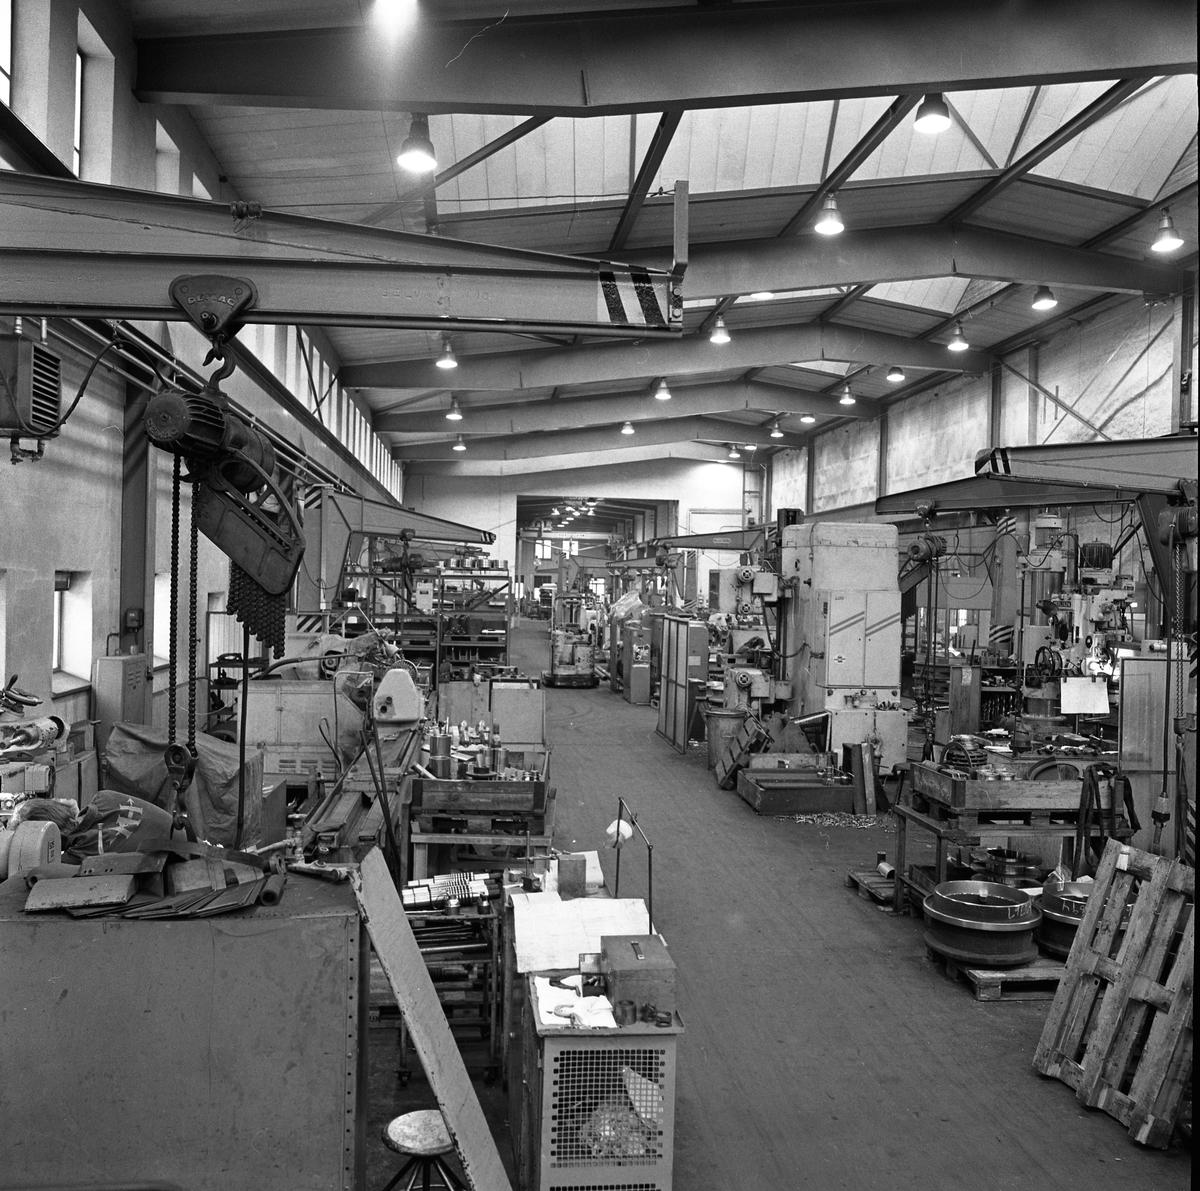 Arboga Mekaniska Verkstad, interiörer från maskinverkstaden och monteringsavdelningen (filarverkstan). Industrilokal med högt i tak och god belysning, maskiner i dubbla rader.  25 september 1856 fick AB Arboga Mekaniska Verkstad rättigheter att anlägga järngjuteri och mekanisk verkstad. Verksamheten startade 1858. Meken var först i landet med att installera en elektrisk motor för drift av verktygsmaskiner vid en taktransmission (1887).  Gjuteriet lades ner 1967. Den mekaniska verkstaden lades ner på 1980-talet.  Läs om Meken i Hembygdsföreningen Arboga Minnes årsbok från 1982.